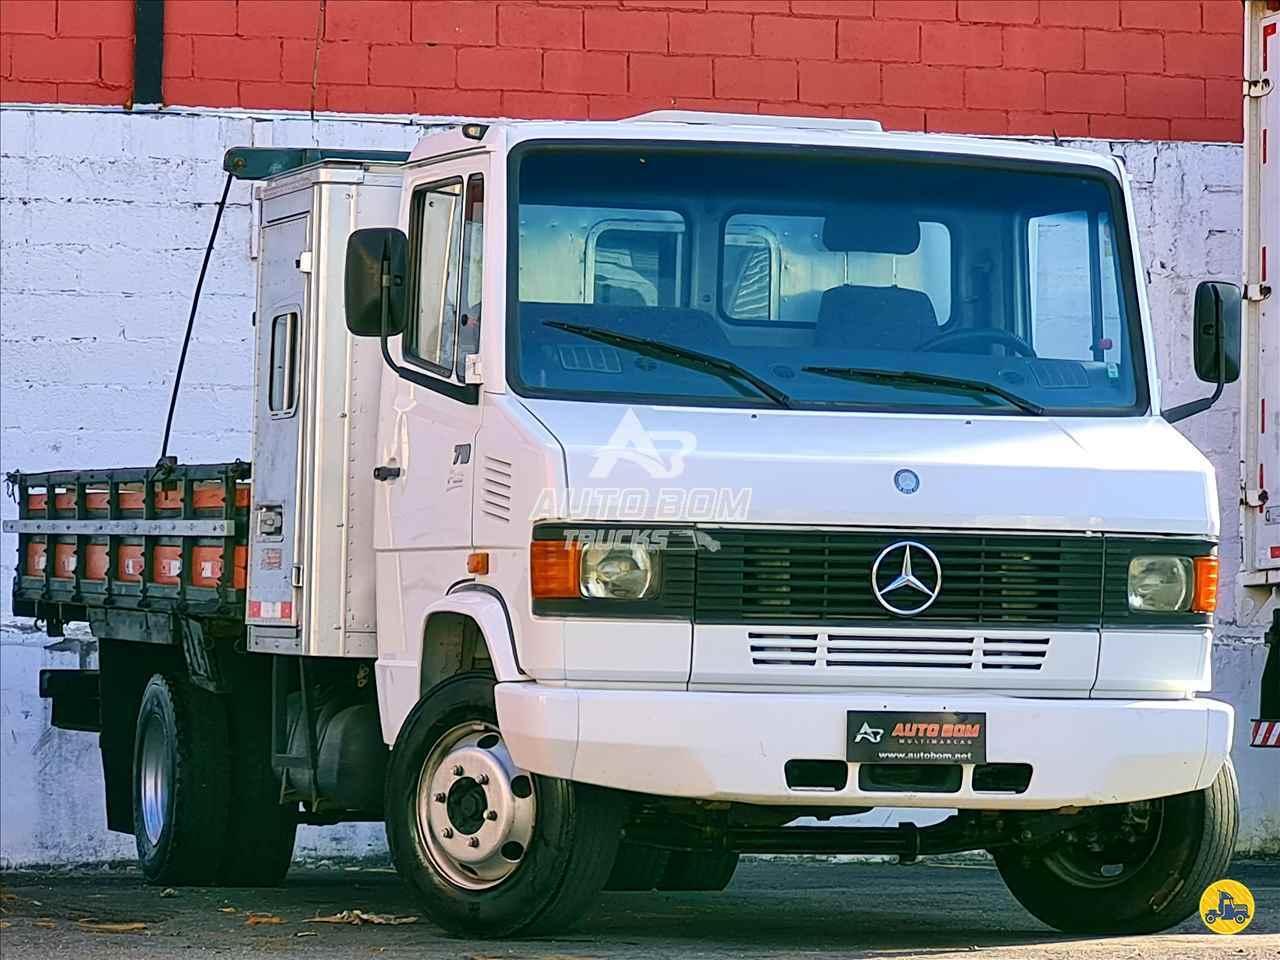 CAMINHAO MERCEDES-BENZ MB 710 Carroceria Cabine Suplementar 3/4 4x2 Autobom Trucks CONTAGEM MINAS GERAIS MG